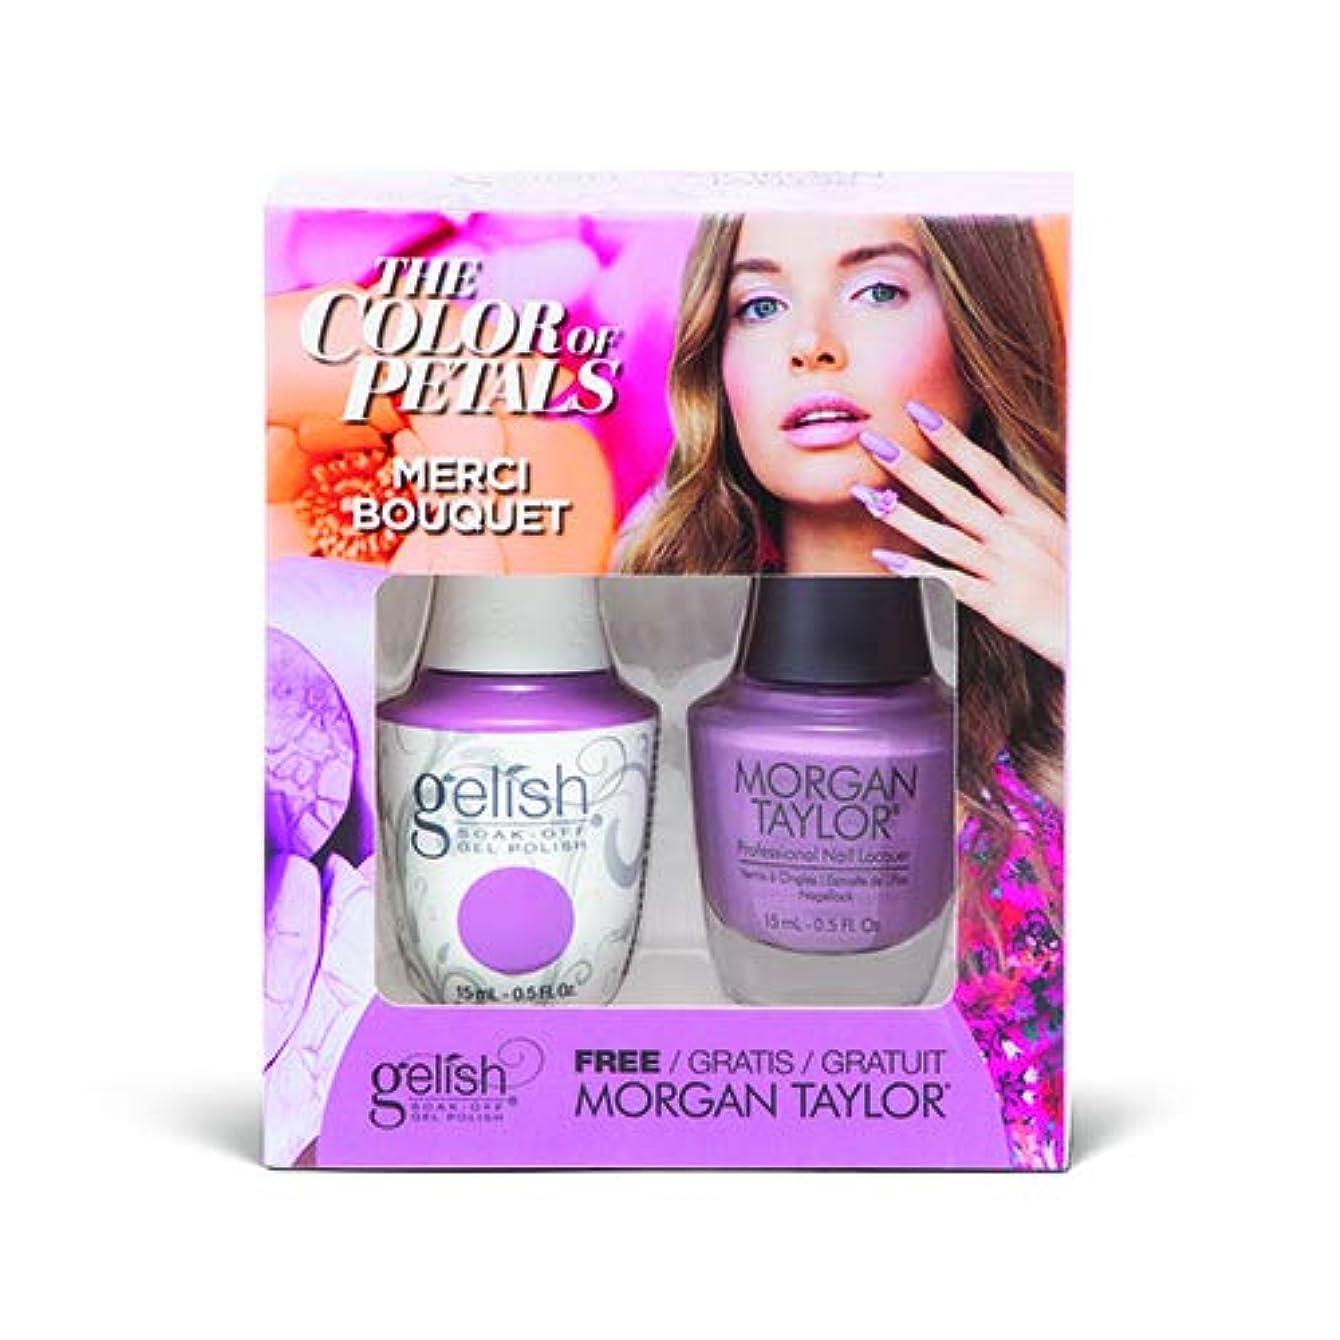 人事アジア人シットコムHarmony Gelish - Two Of A Kind - The Color Of Petals - Merci Bouquet - 15 mL / 0.5 Oz